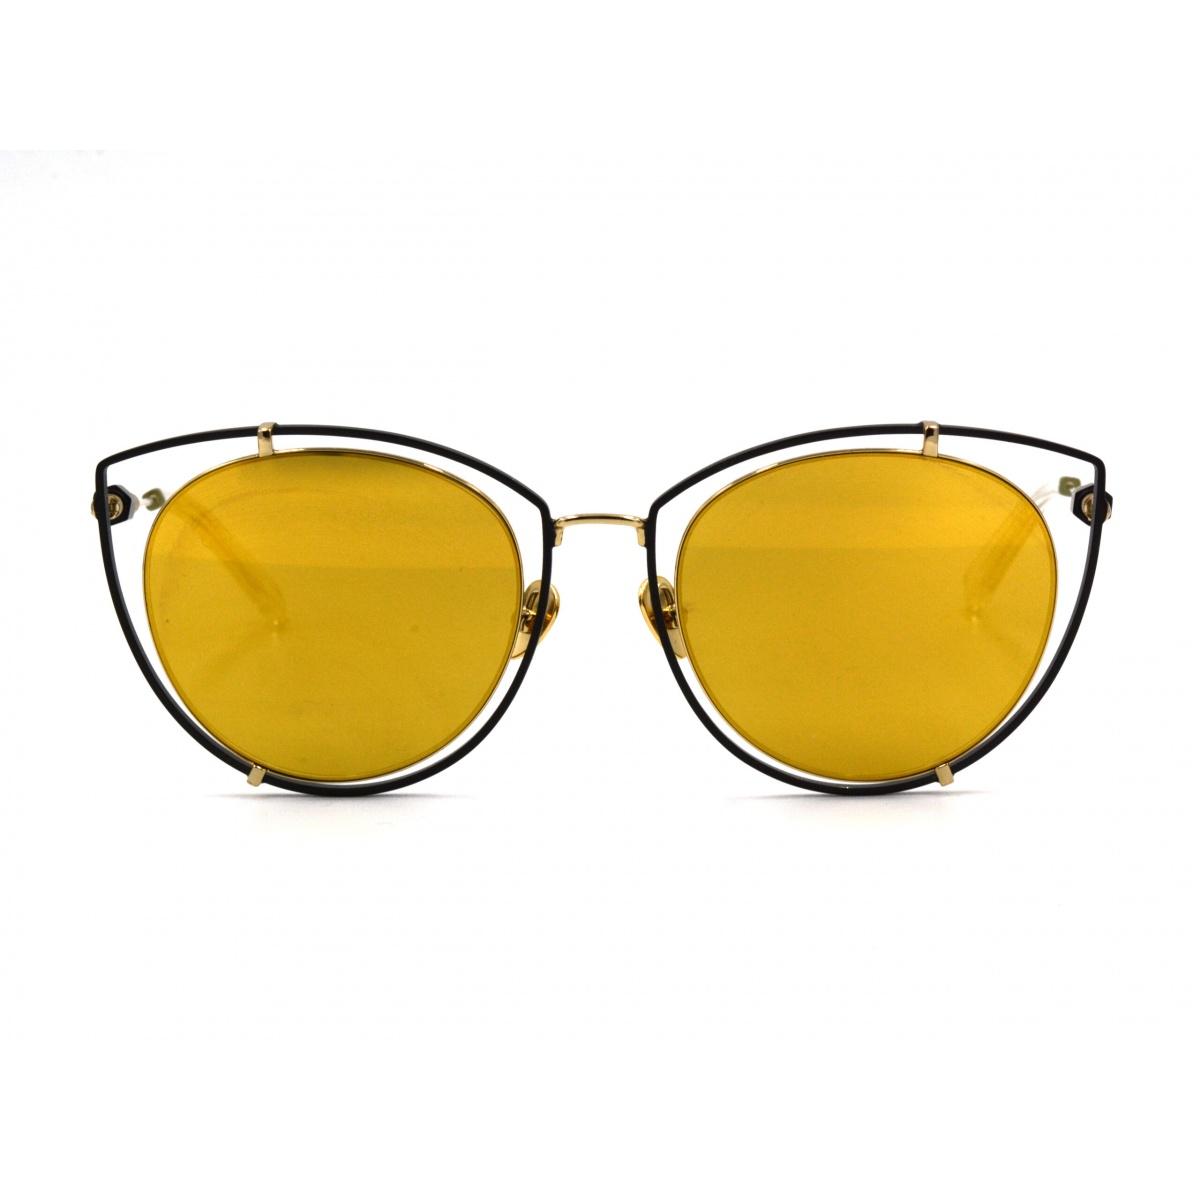 Γυαλιά ηλίου HAZE COLLECTION NEW YORK VYT-4BK 52-22-145